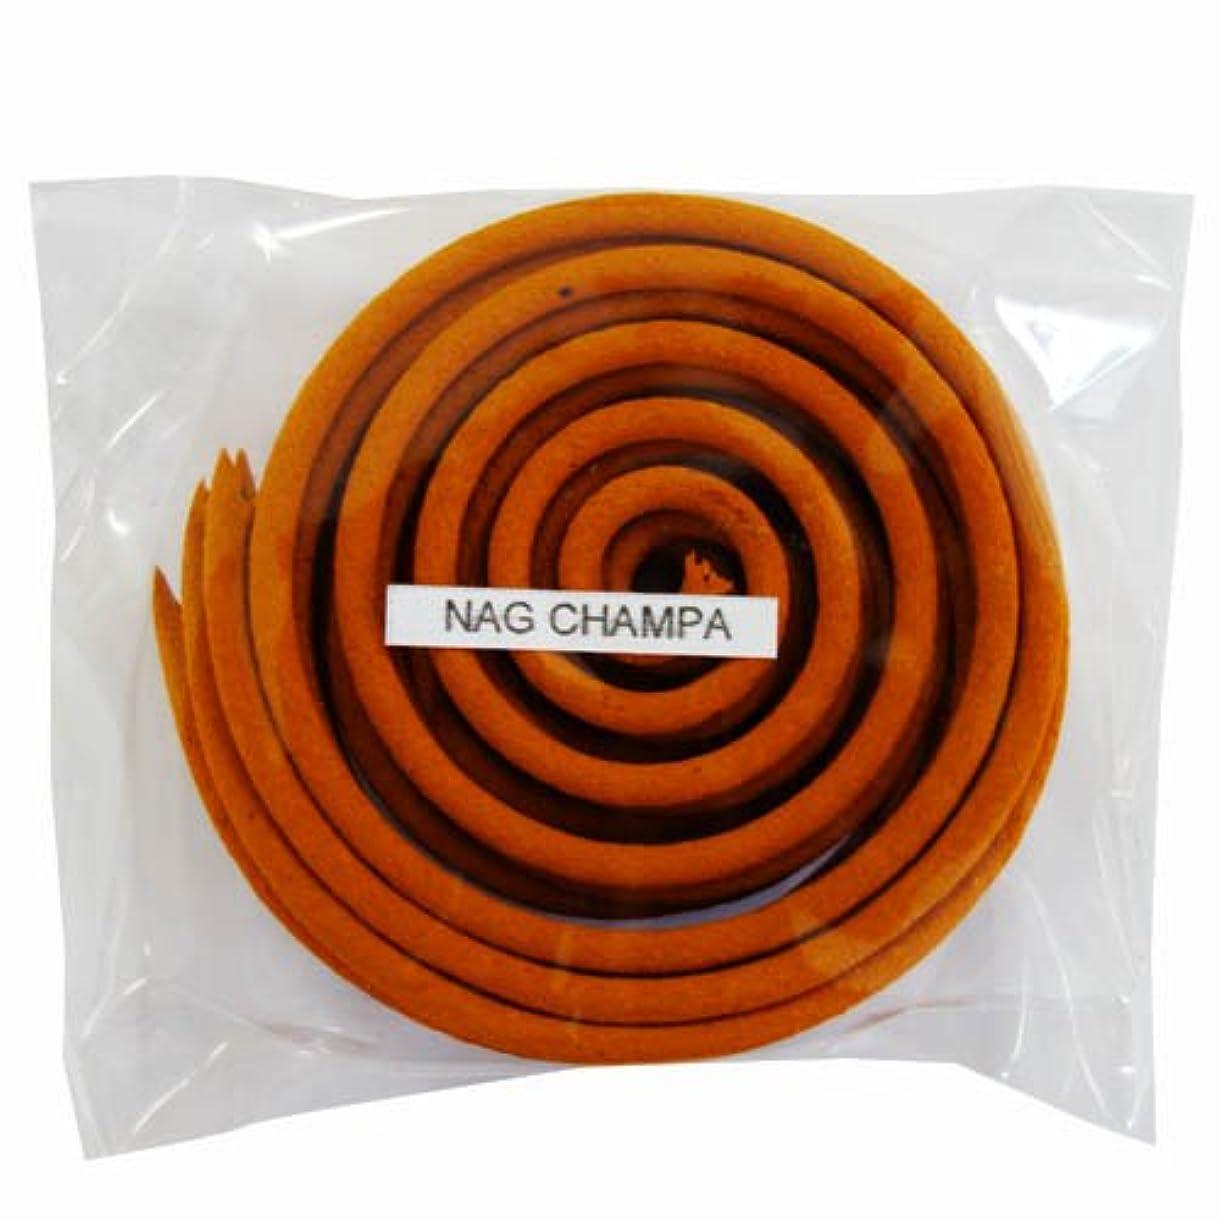 着陸遷移細いお香/うずまき香 NAG CHAMPA ナグチャンパ 直径6.5cm×5巻セット [並行輸入品]